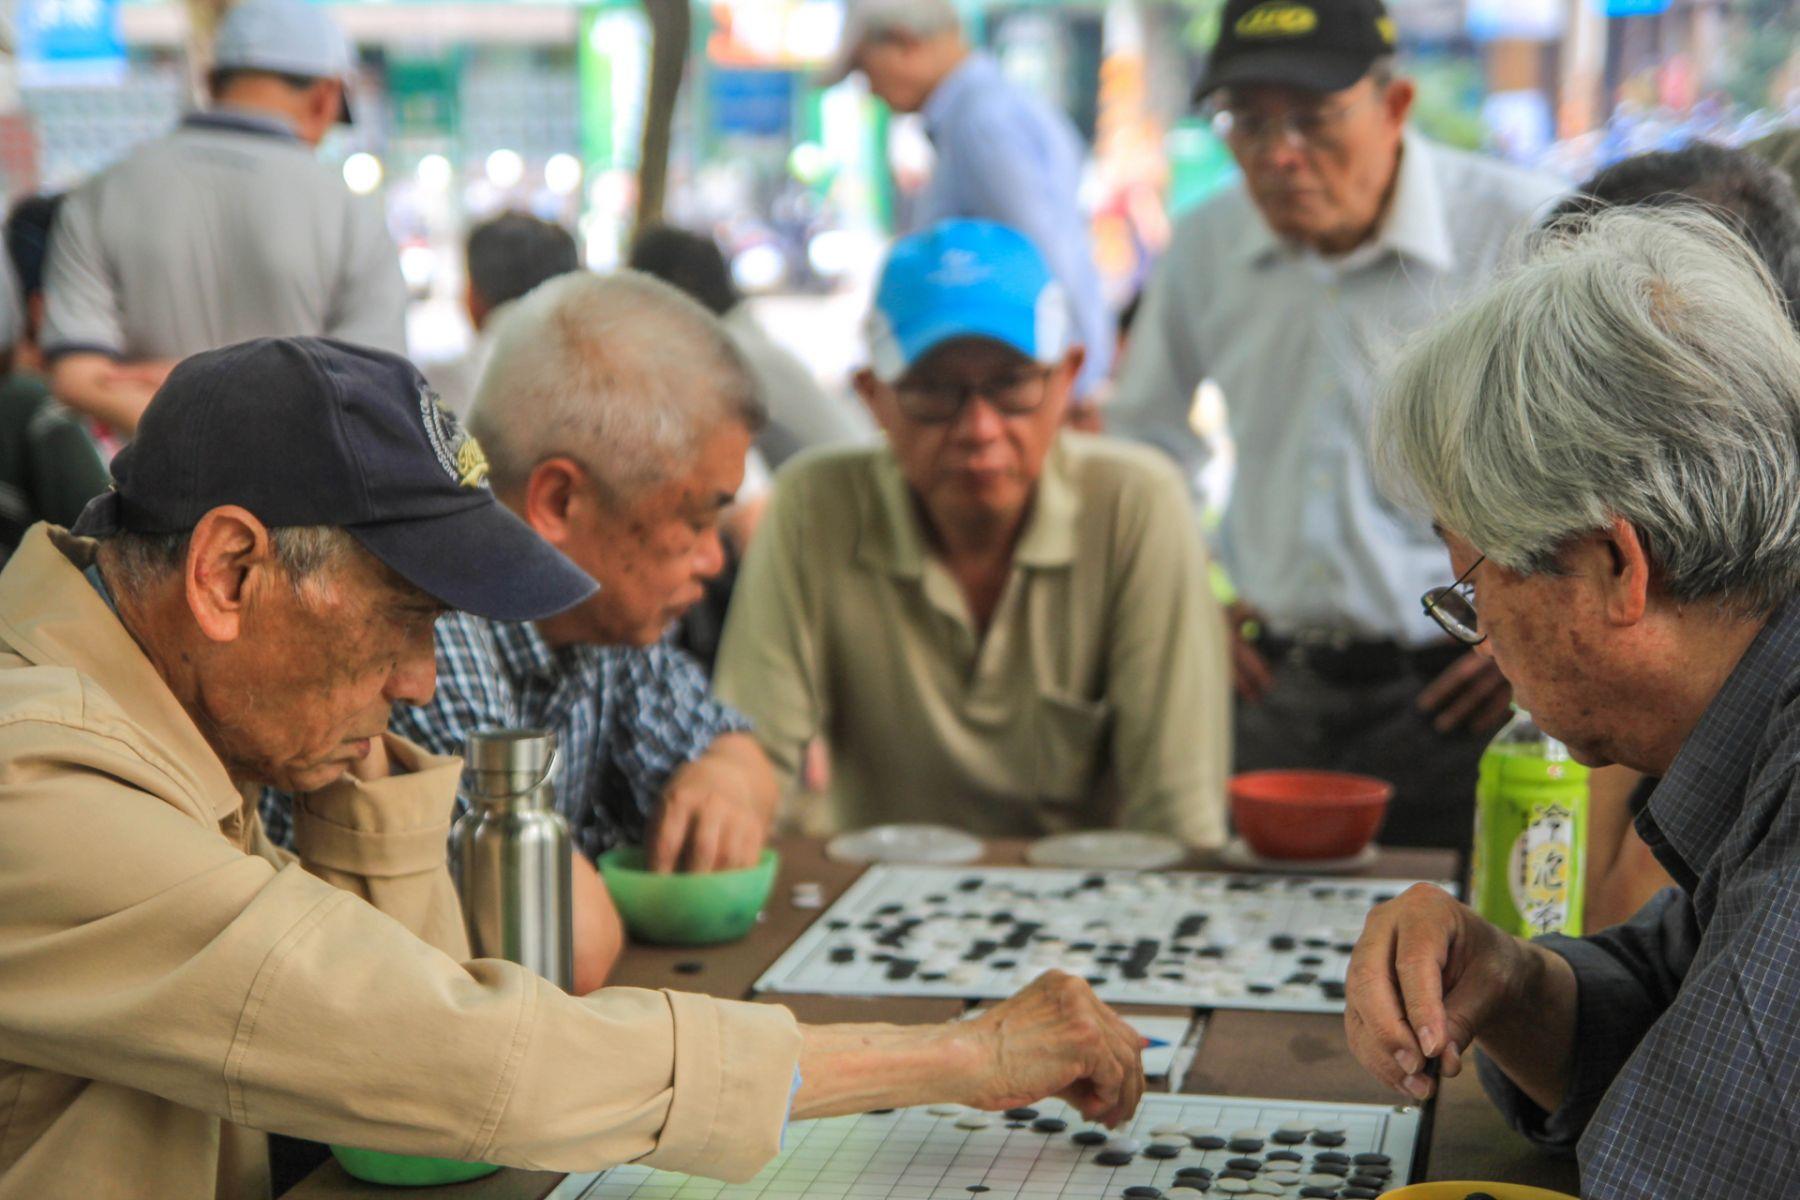 台灣人還盼「兒孫滿堂」,日本人已準備「獨立老」...台灣老人的長壽困境